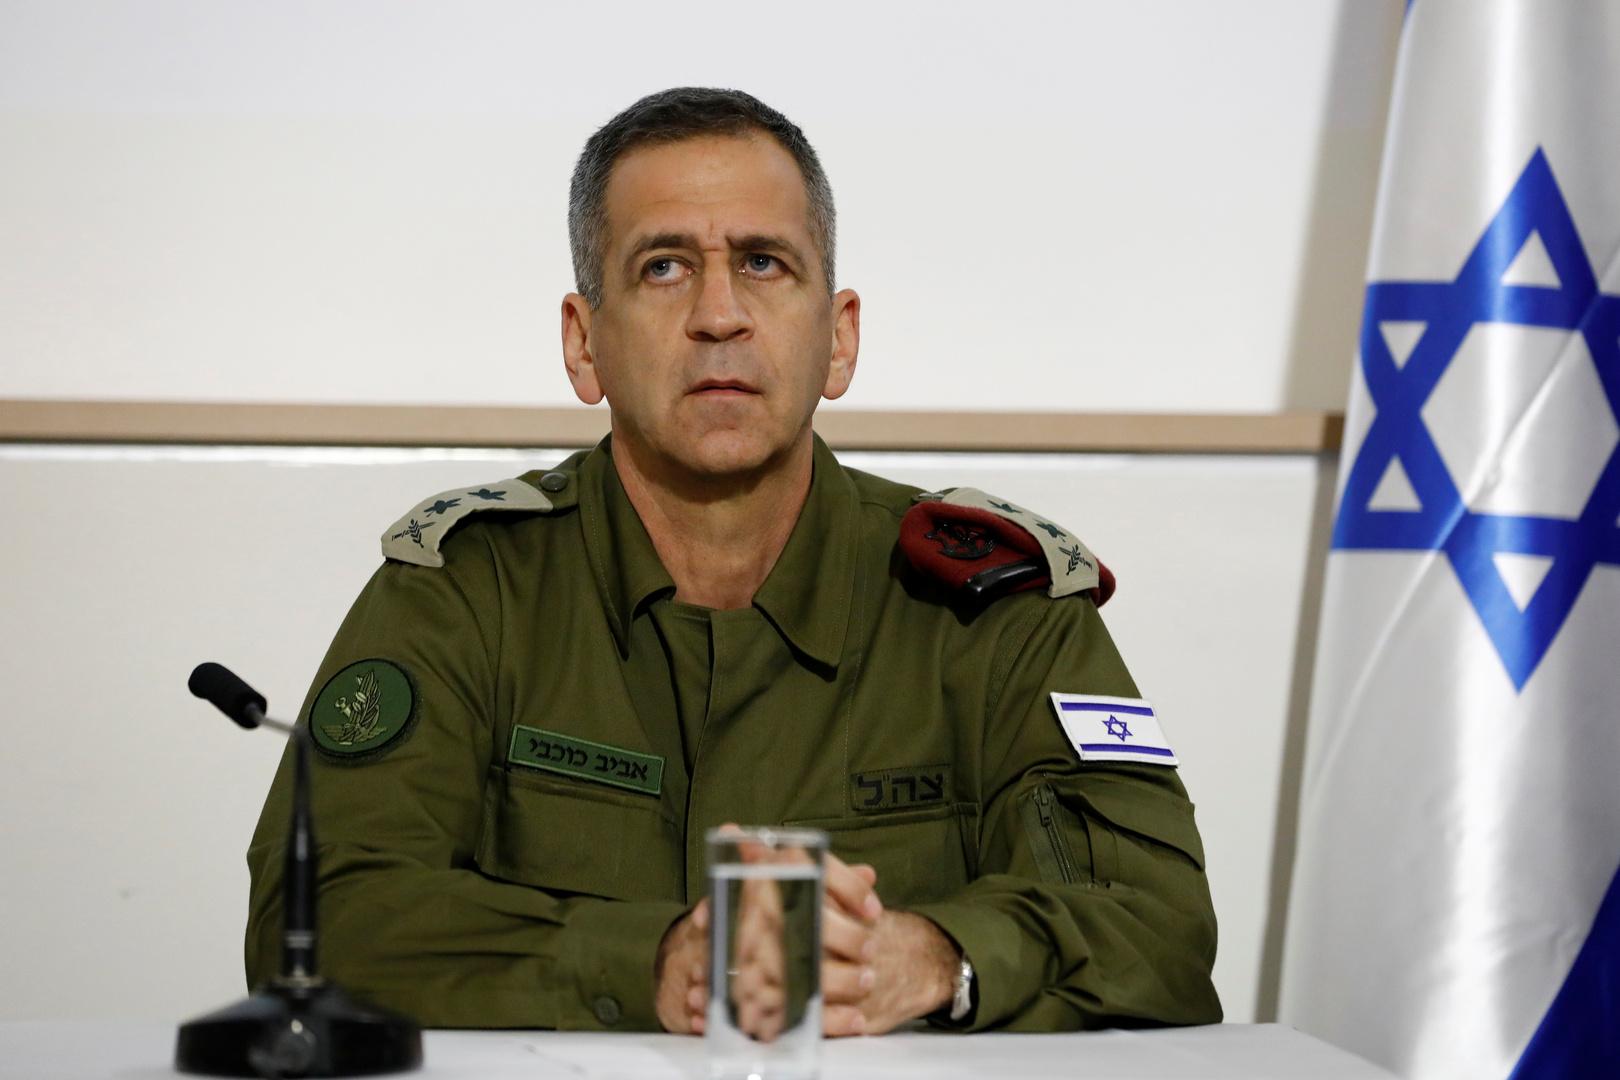 وسط التصعيد الإقليمي.. قائد الأركان الإسرائيلي يهدد إيران من حدود سوريا